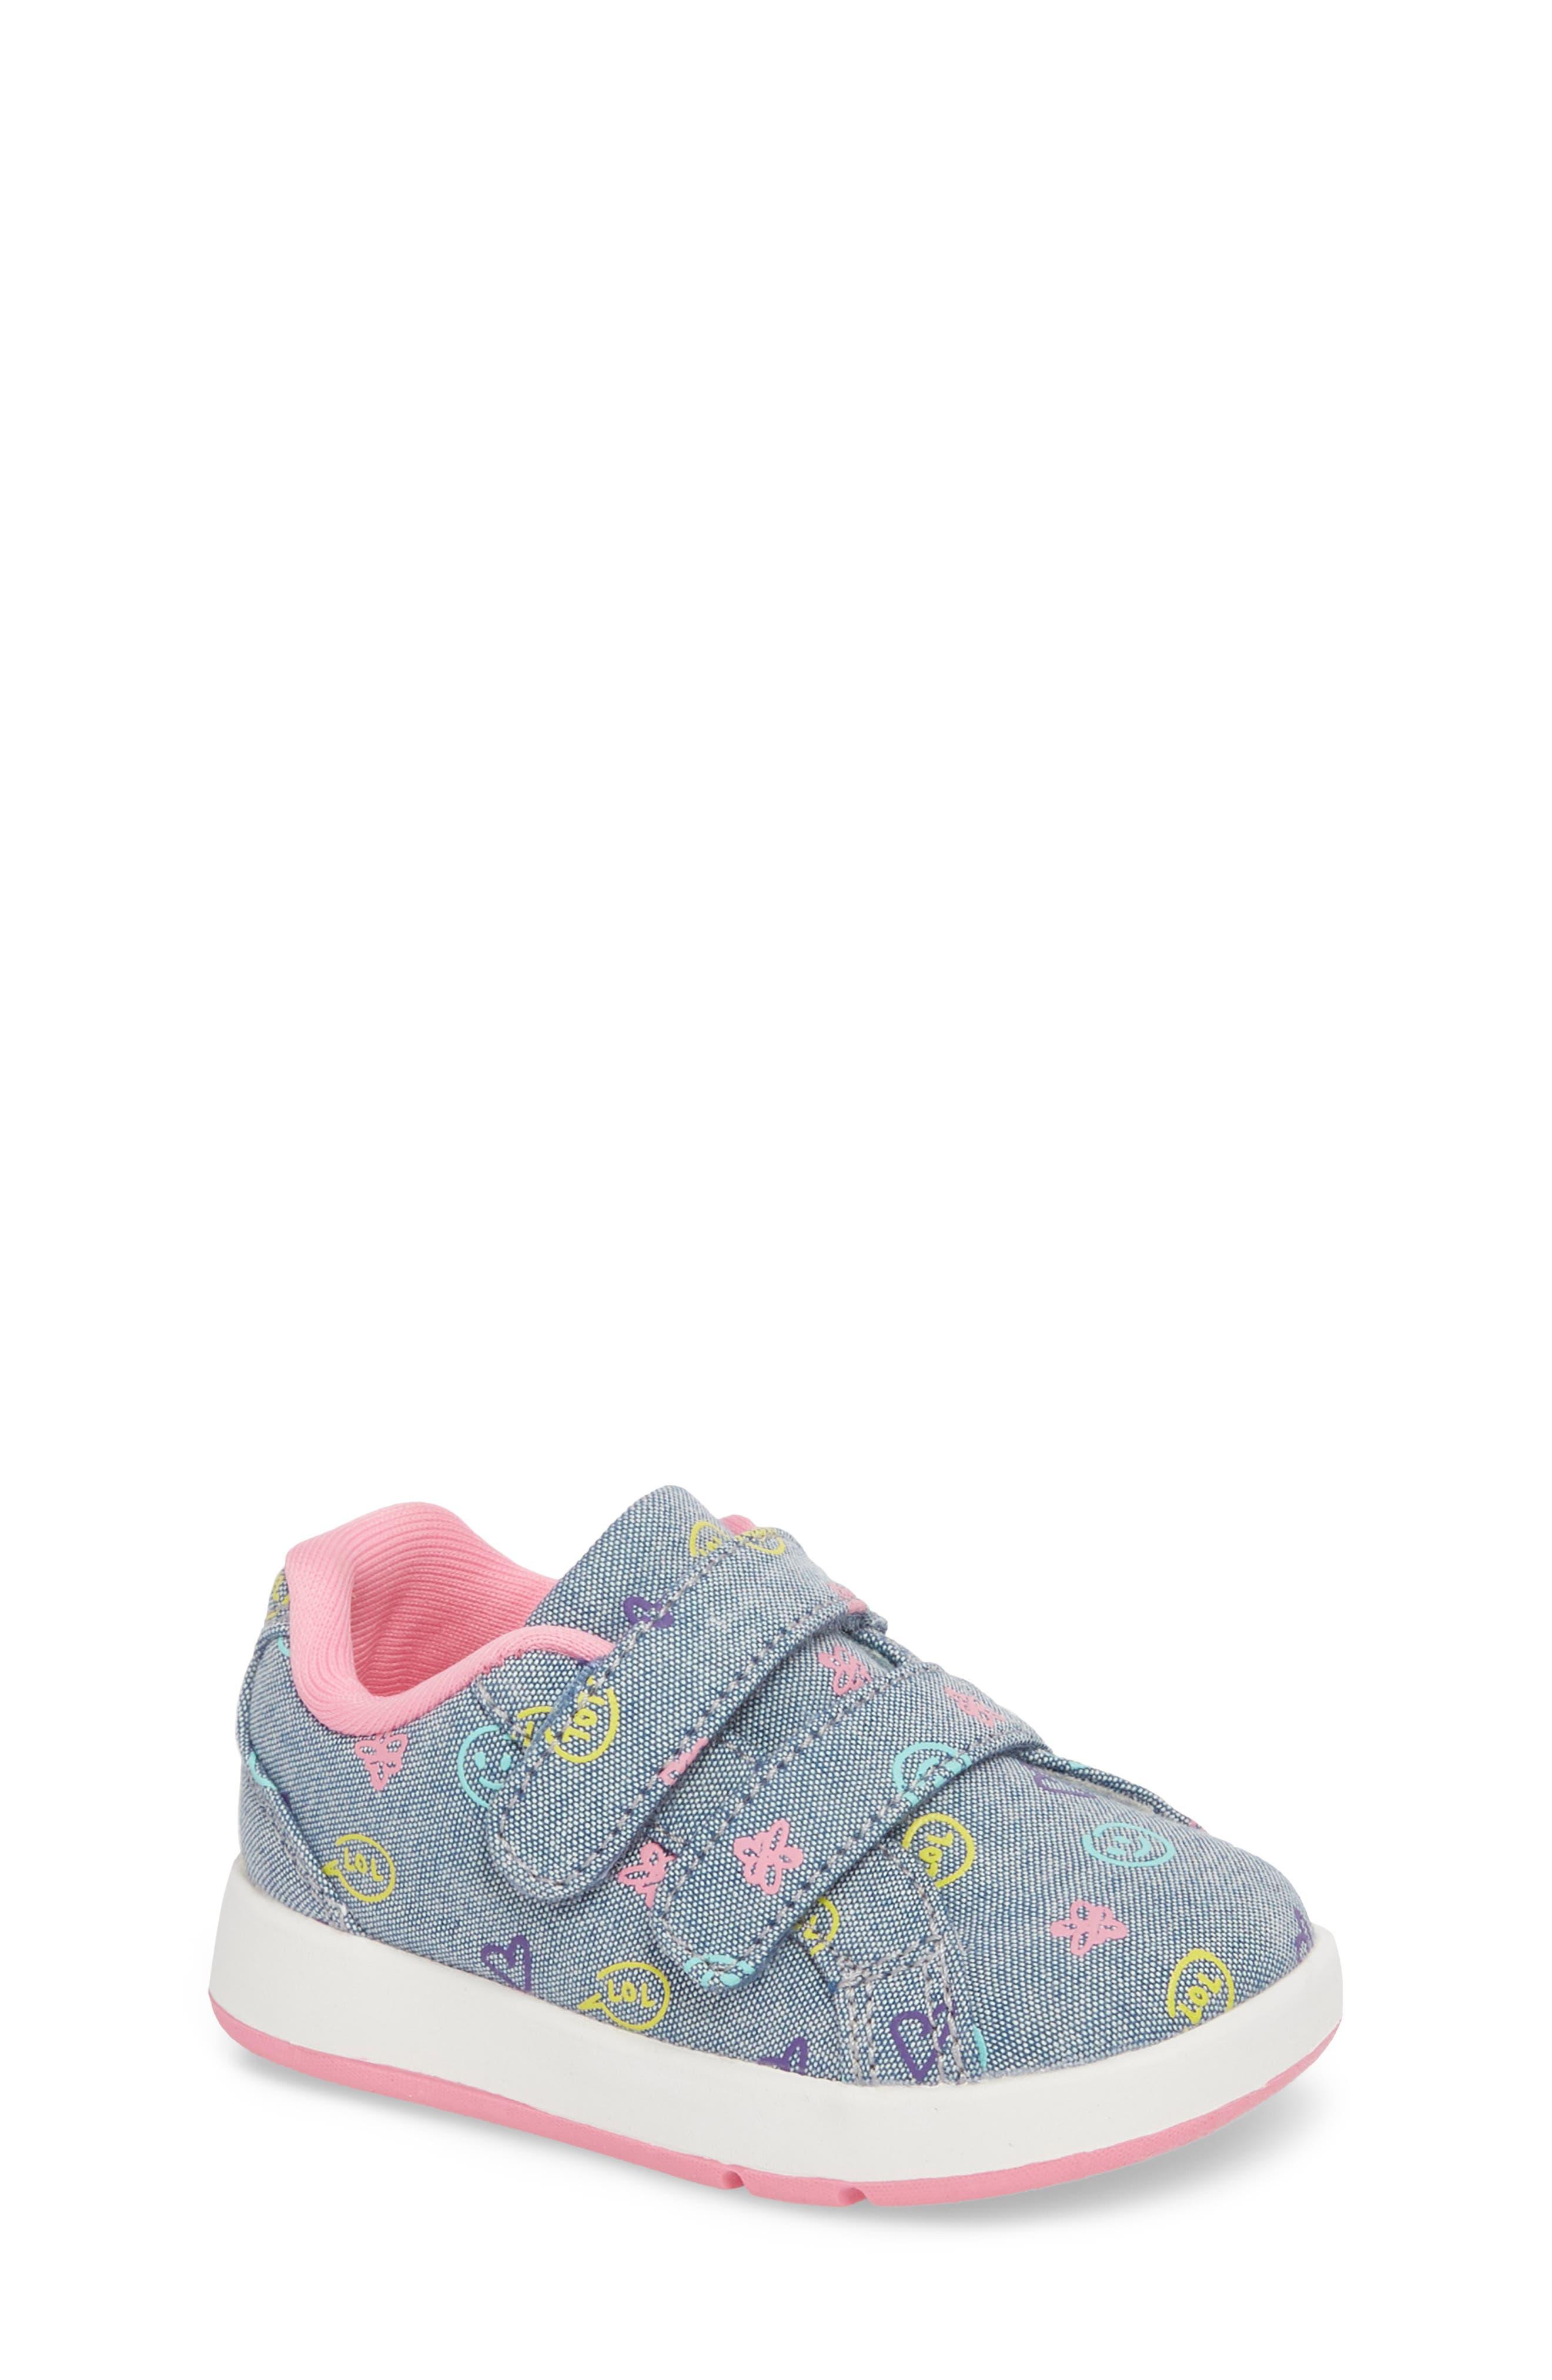 Kate Print Sneaker,                             Main thumbnail 1, color,                             Blue Denim Printed Fabric